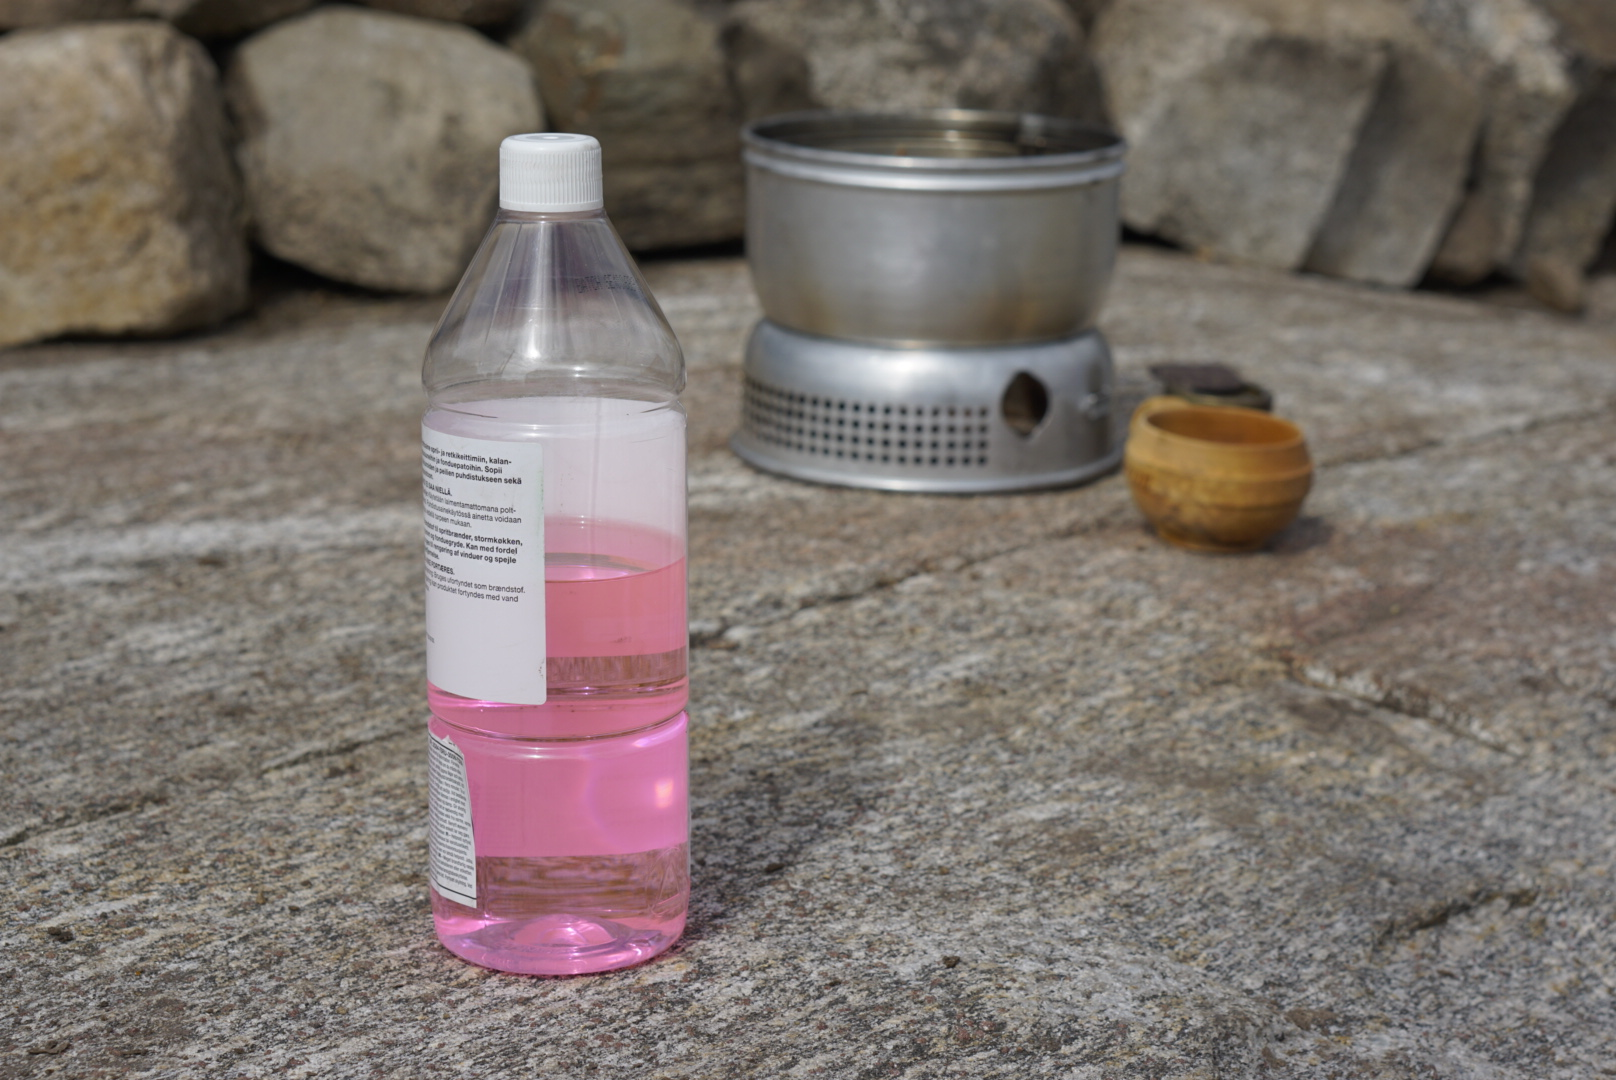 Flaske med rødsprit stående ved siden av stormkjøkken